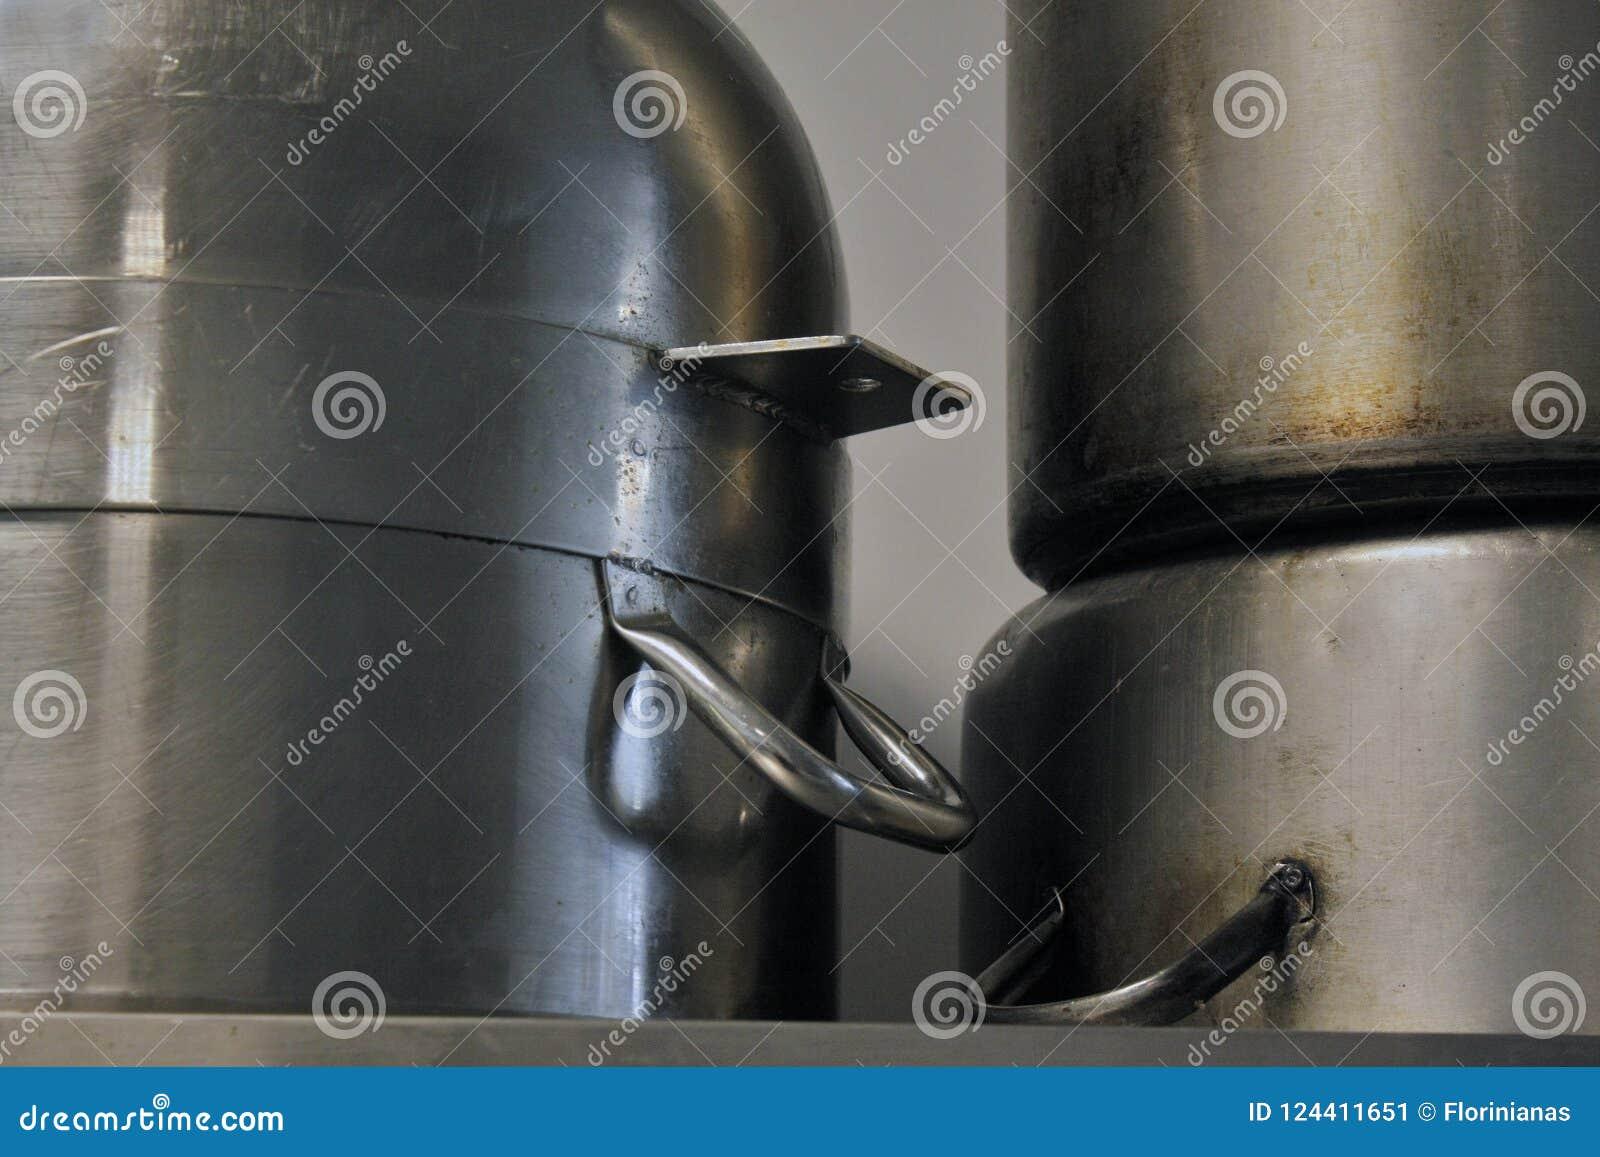 Duzi metali garnki na półce do góry nogami